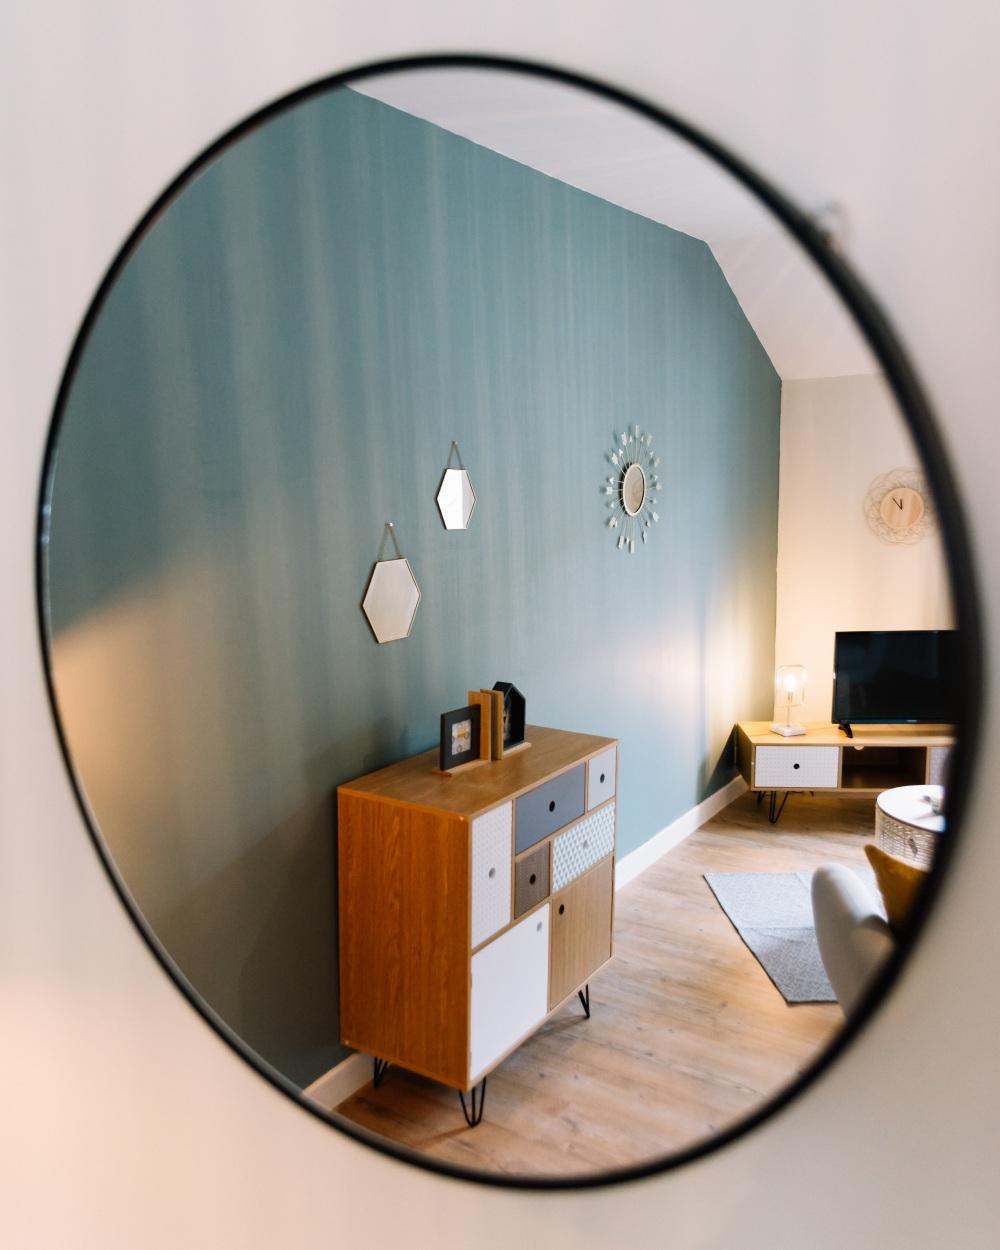 зеркало для гостиной, какое зеркало в гостиной, современное зеркало в гостиной